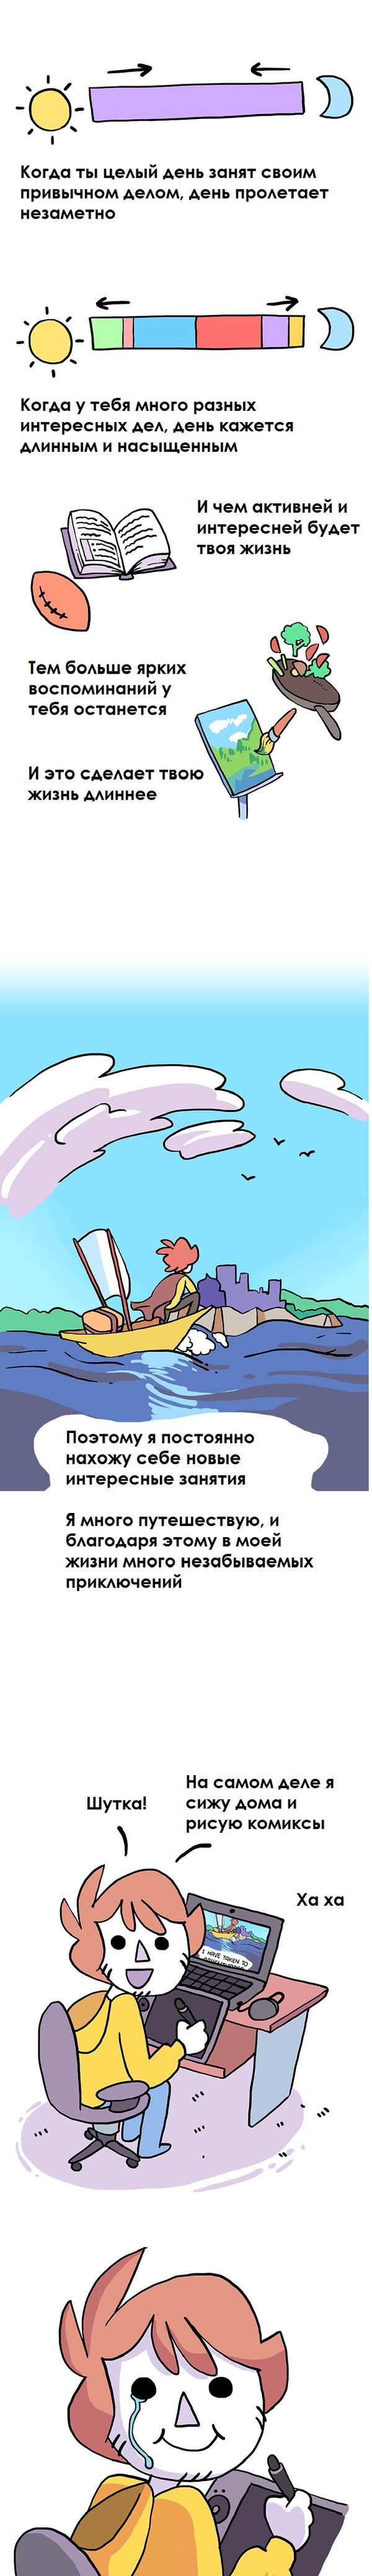 Смешные и философские комиксы о нашей жизни (35 фото)